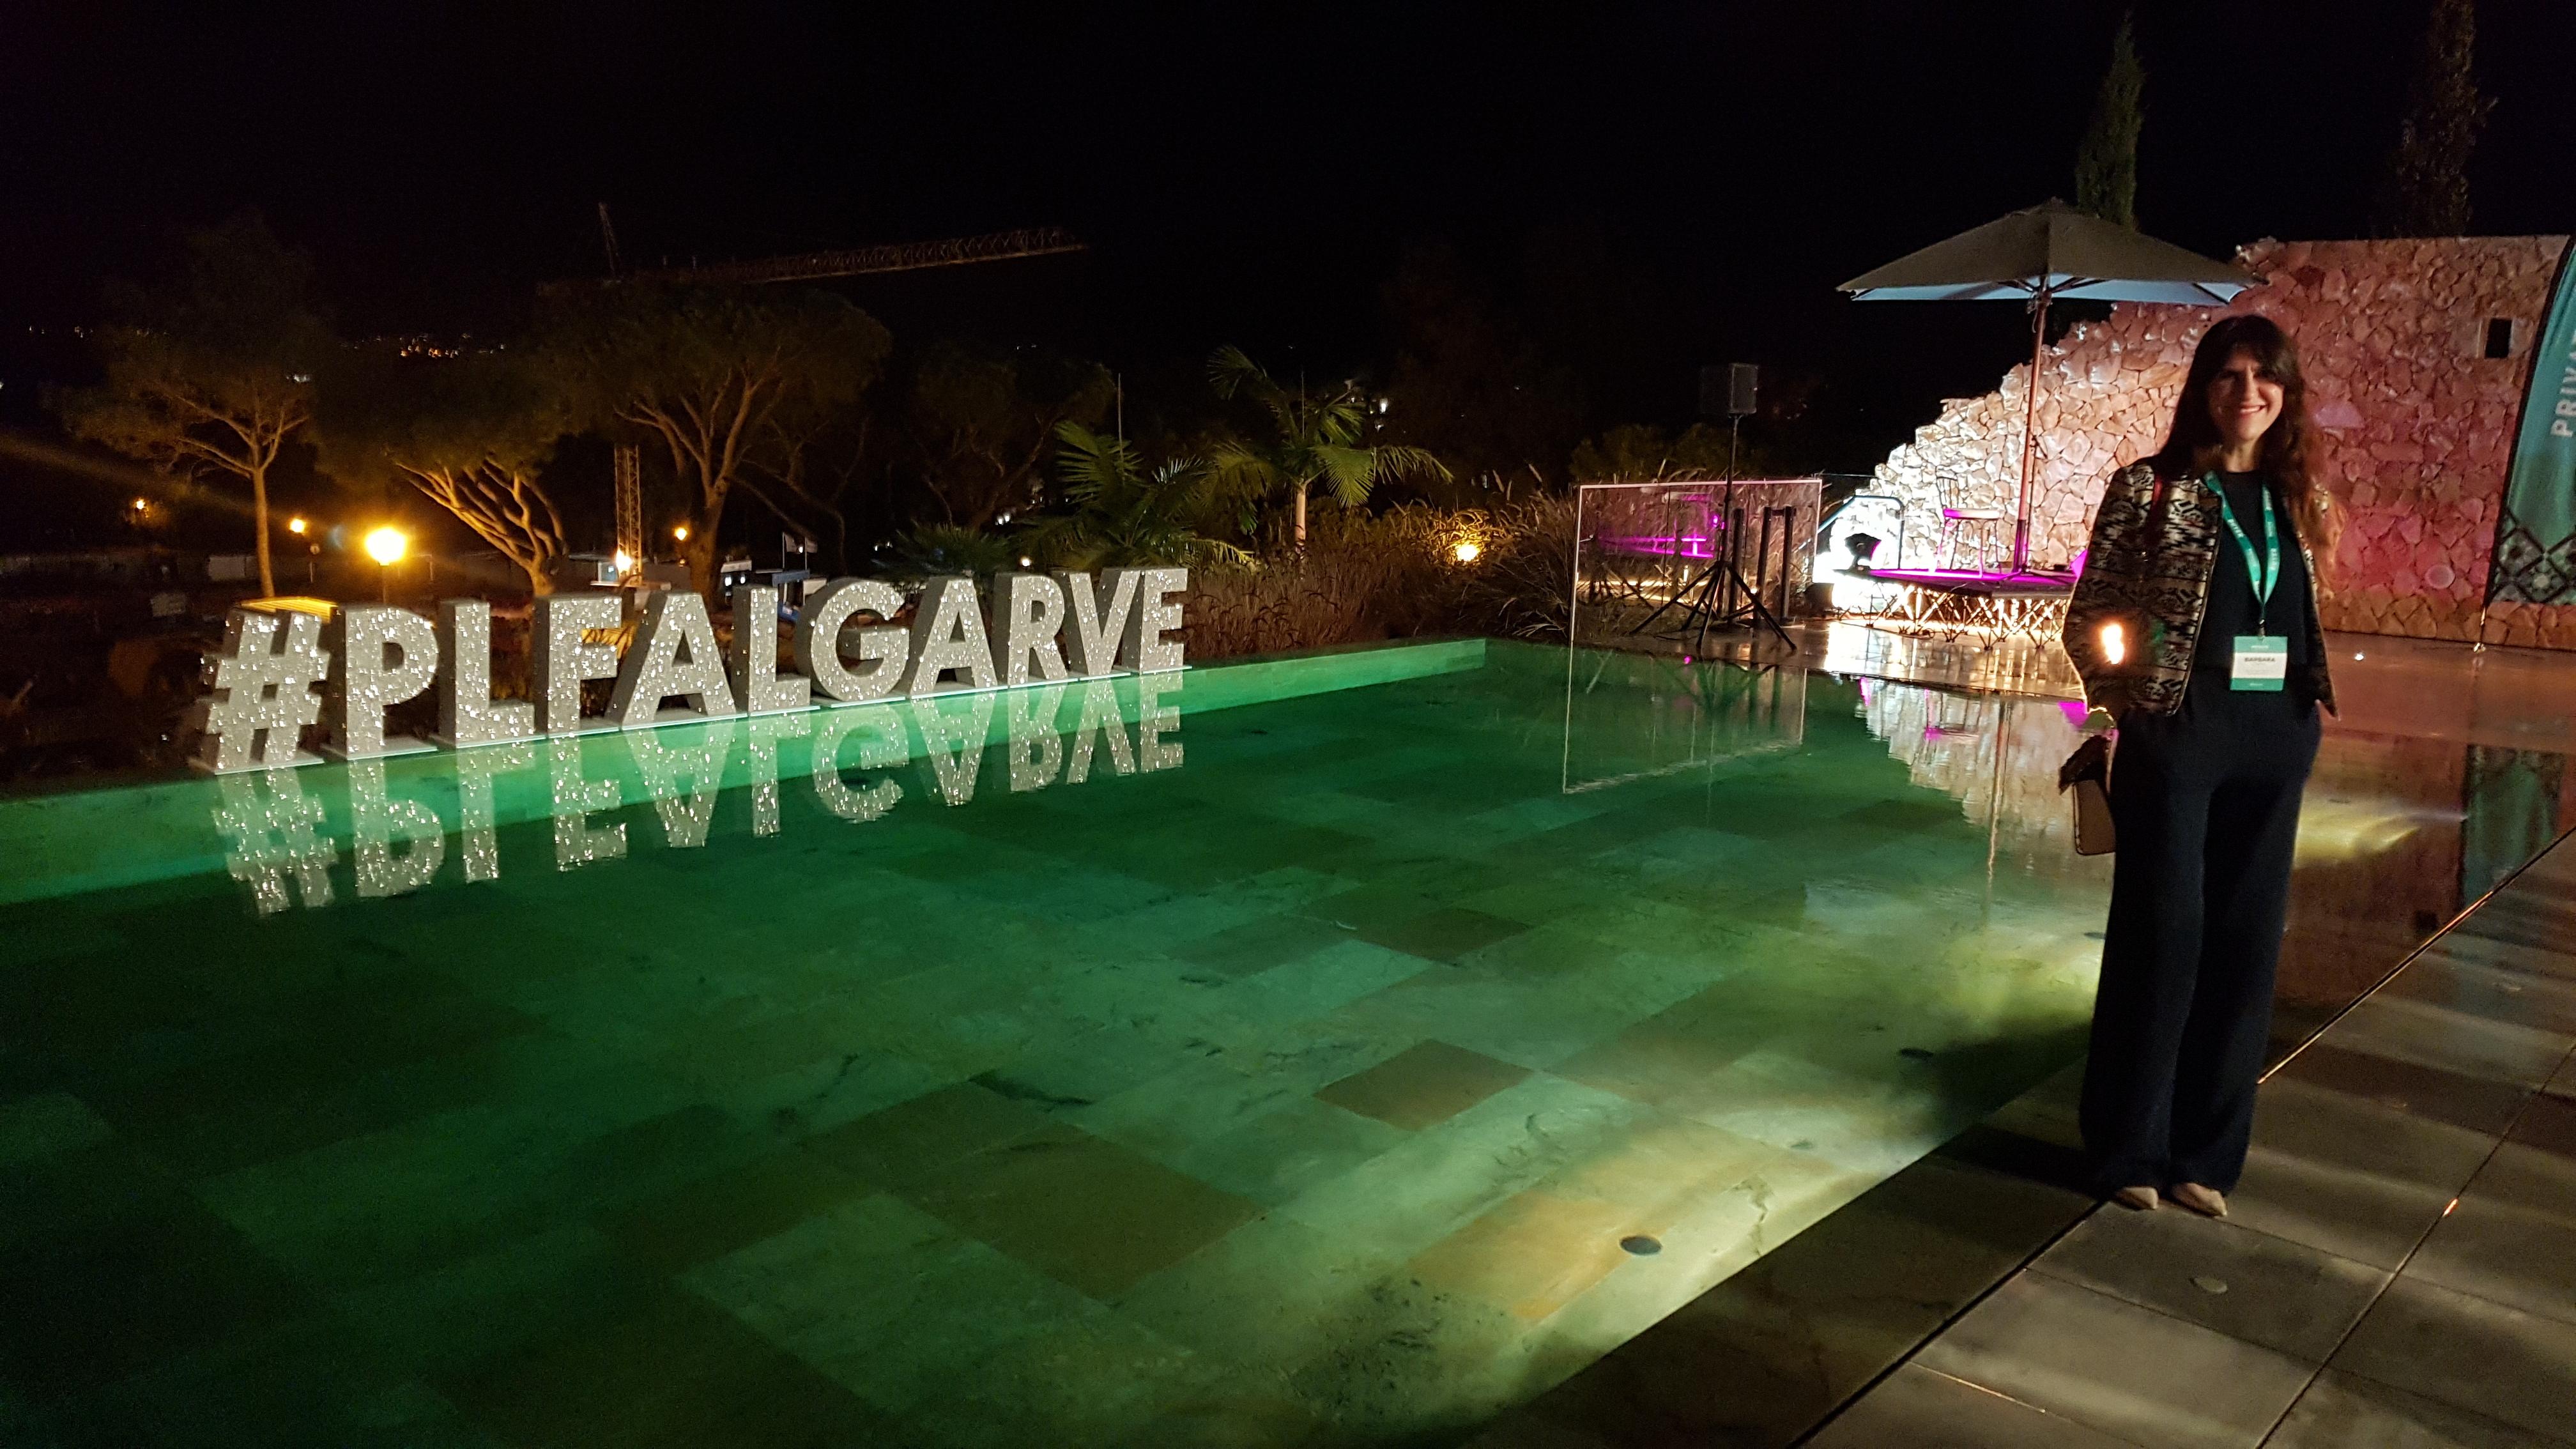 PLF Algarve 2017